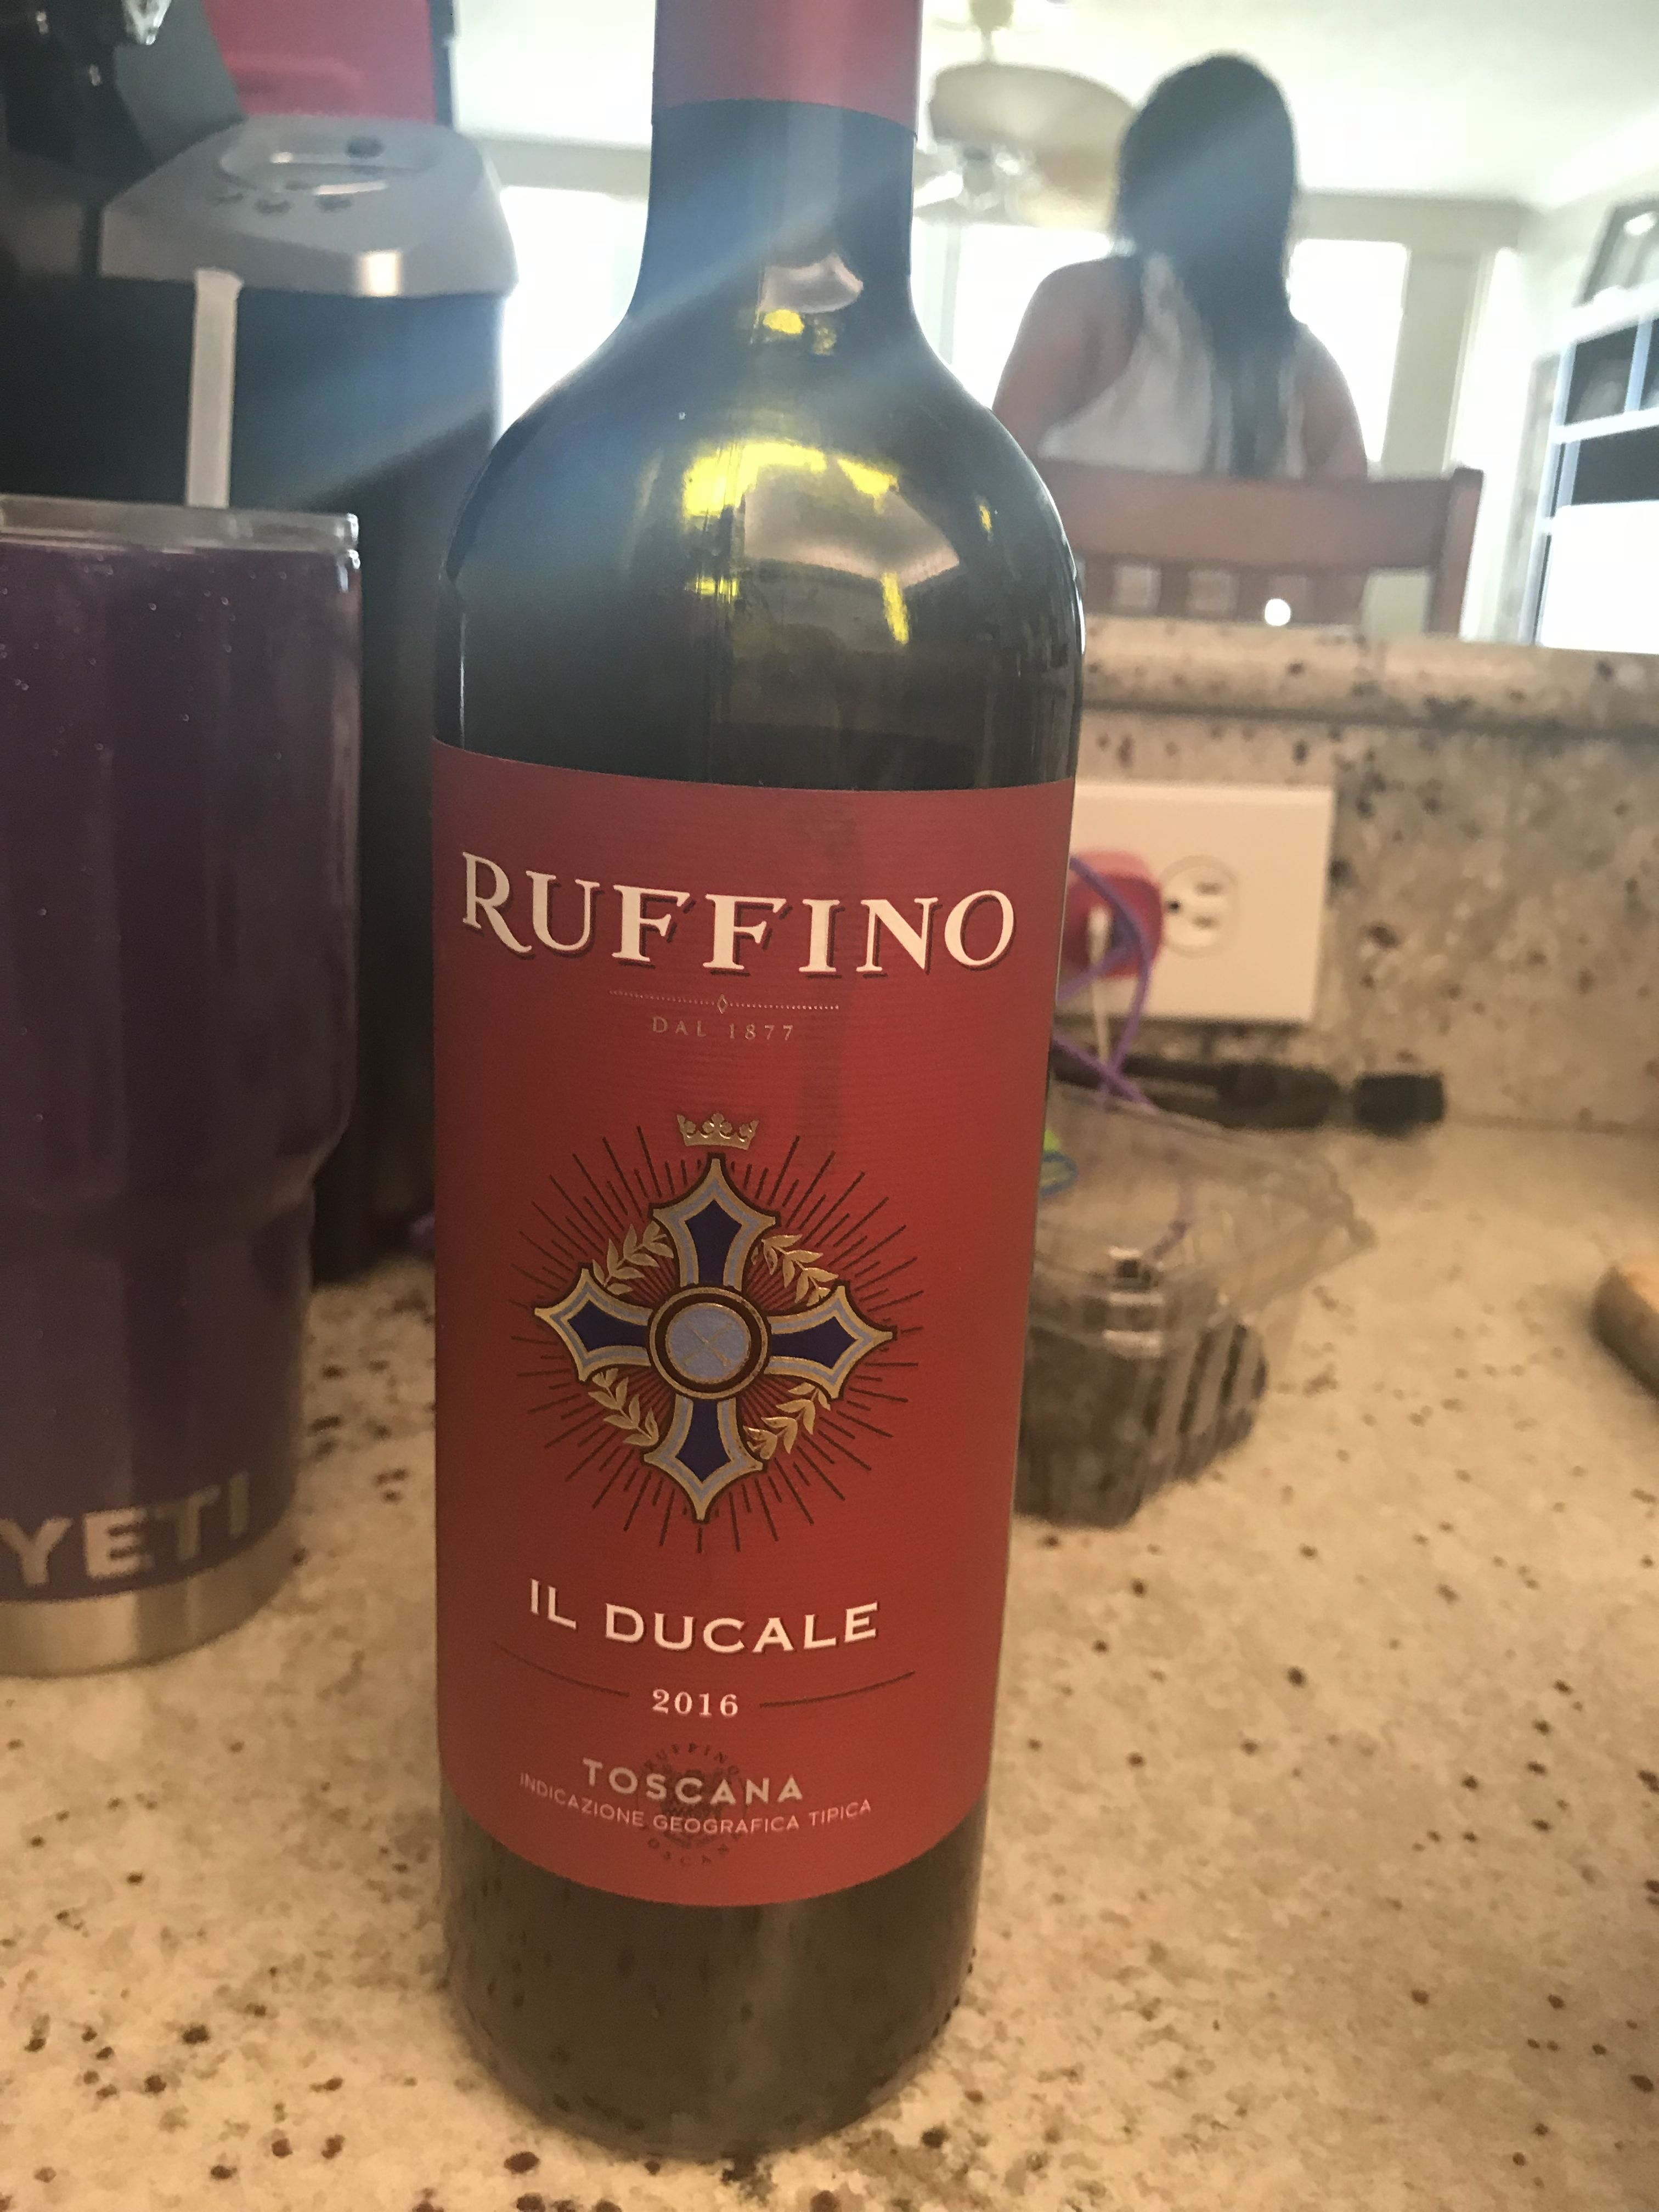 Pin By Kelly Engelmann On Wines We Love Wine Bottle Bottle Wines